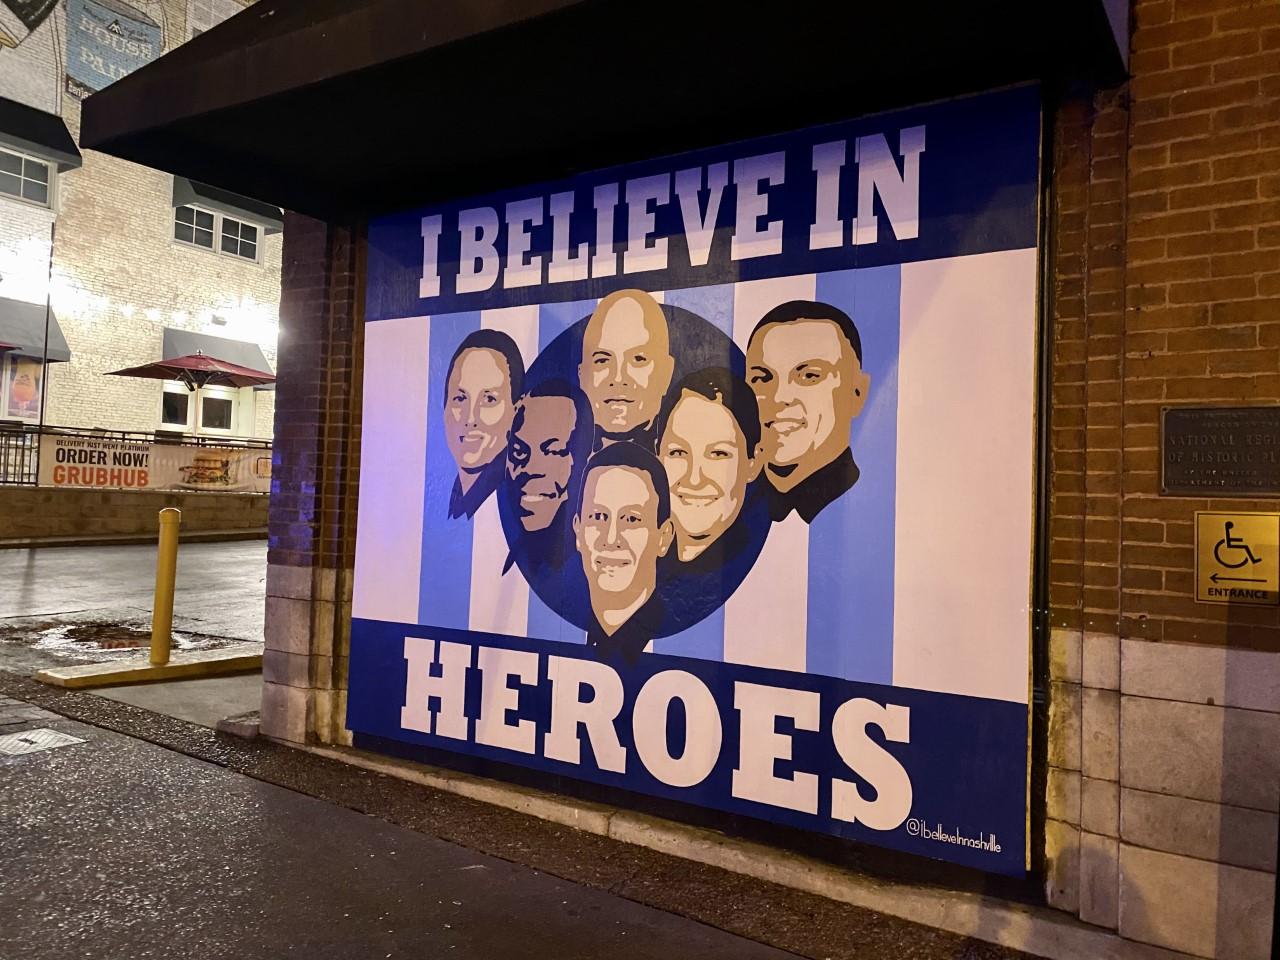 I believe in Heroes mural